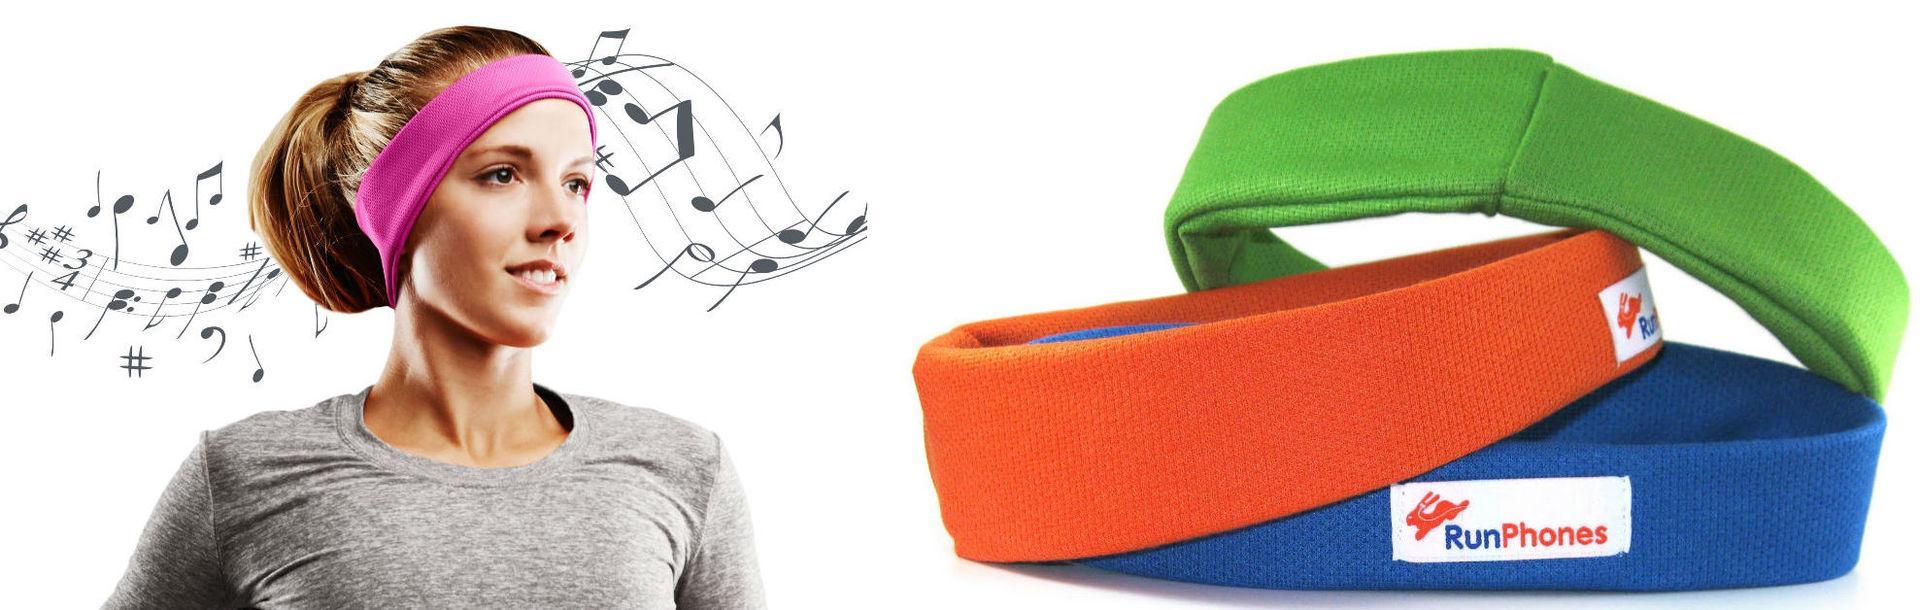 Тем, кто ложится спать, спокойного сна © Знакомимся с брендом AcousticSheep - 8